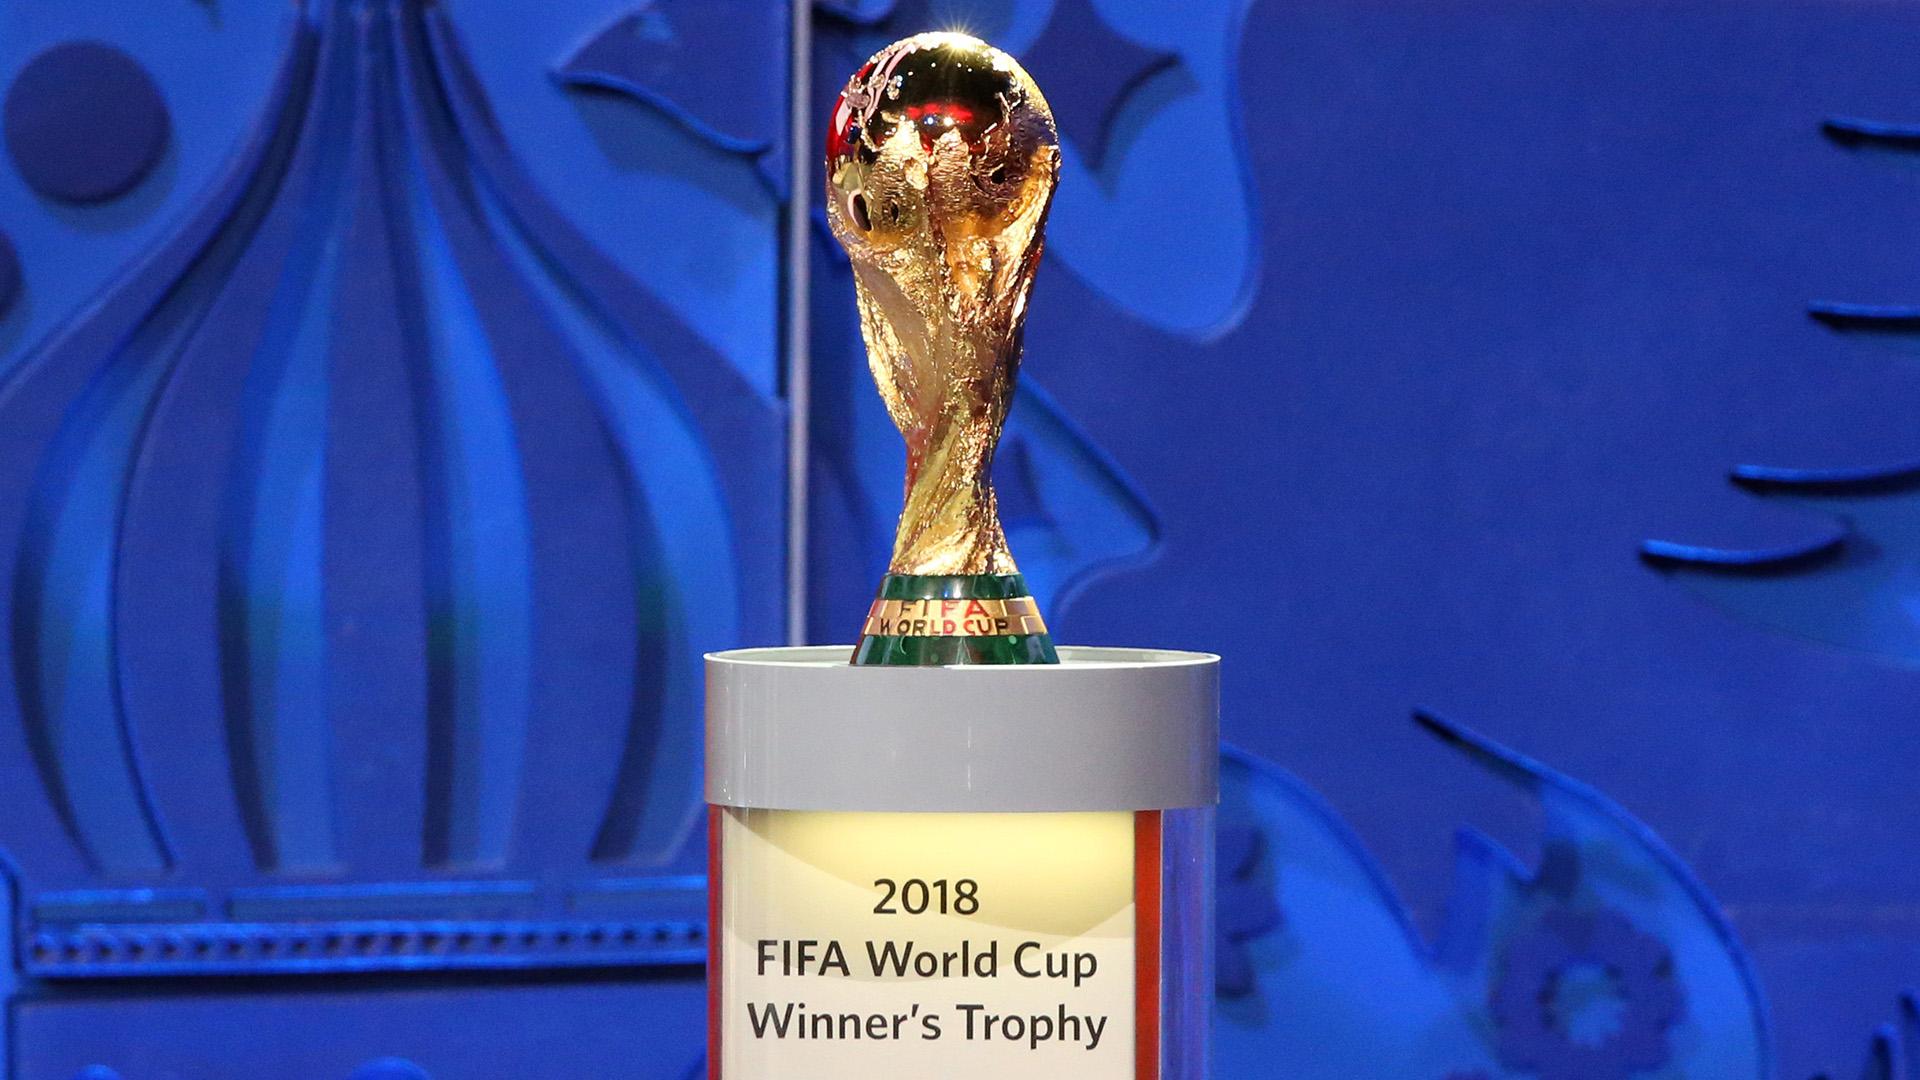 world-cup-rusia-2018-alemania-mundial-fifa-quien-va-ganar-el-mundial-copa-del-mundo